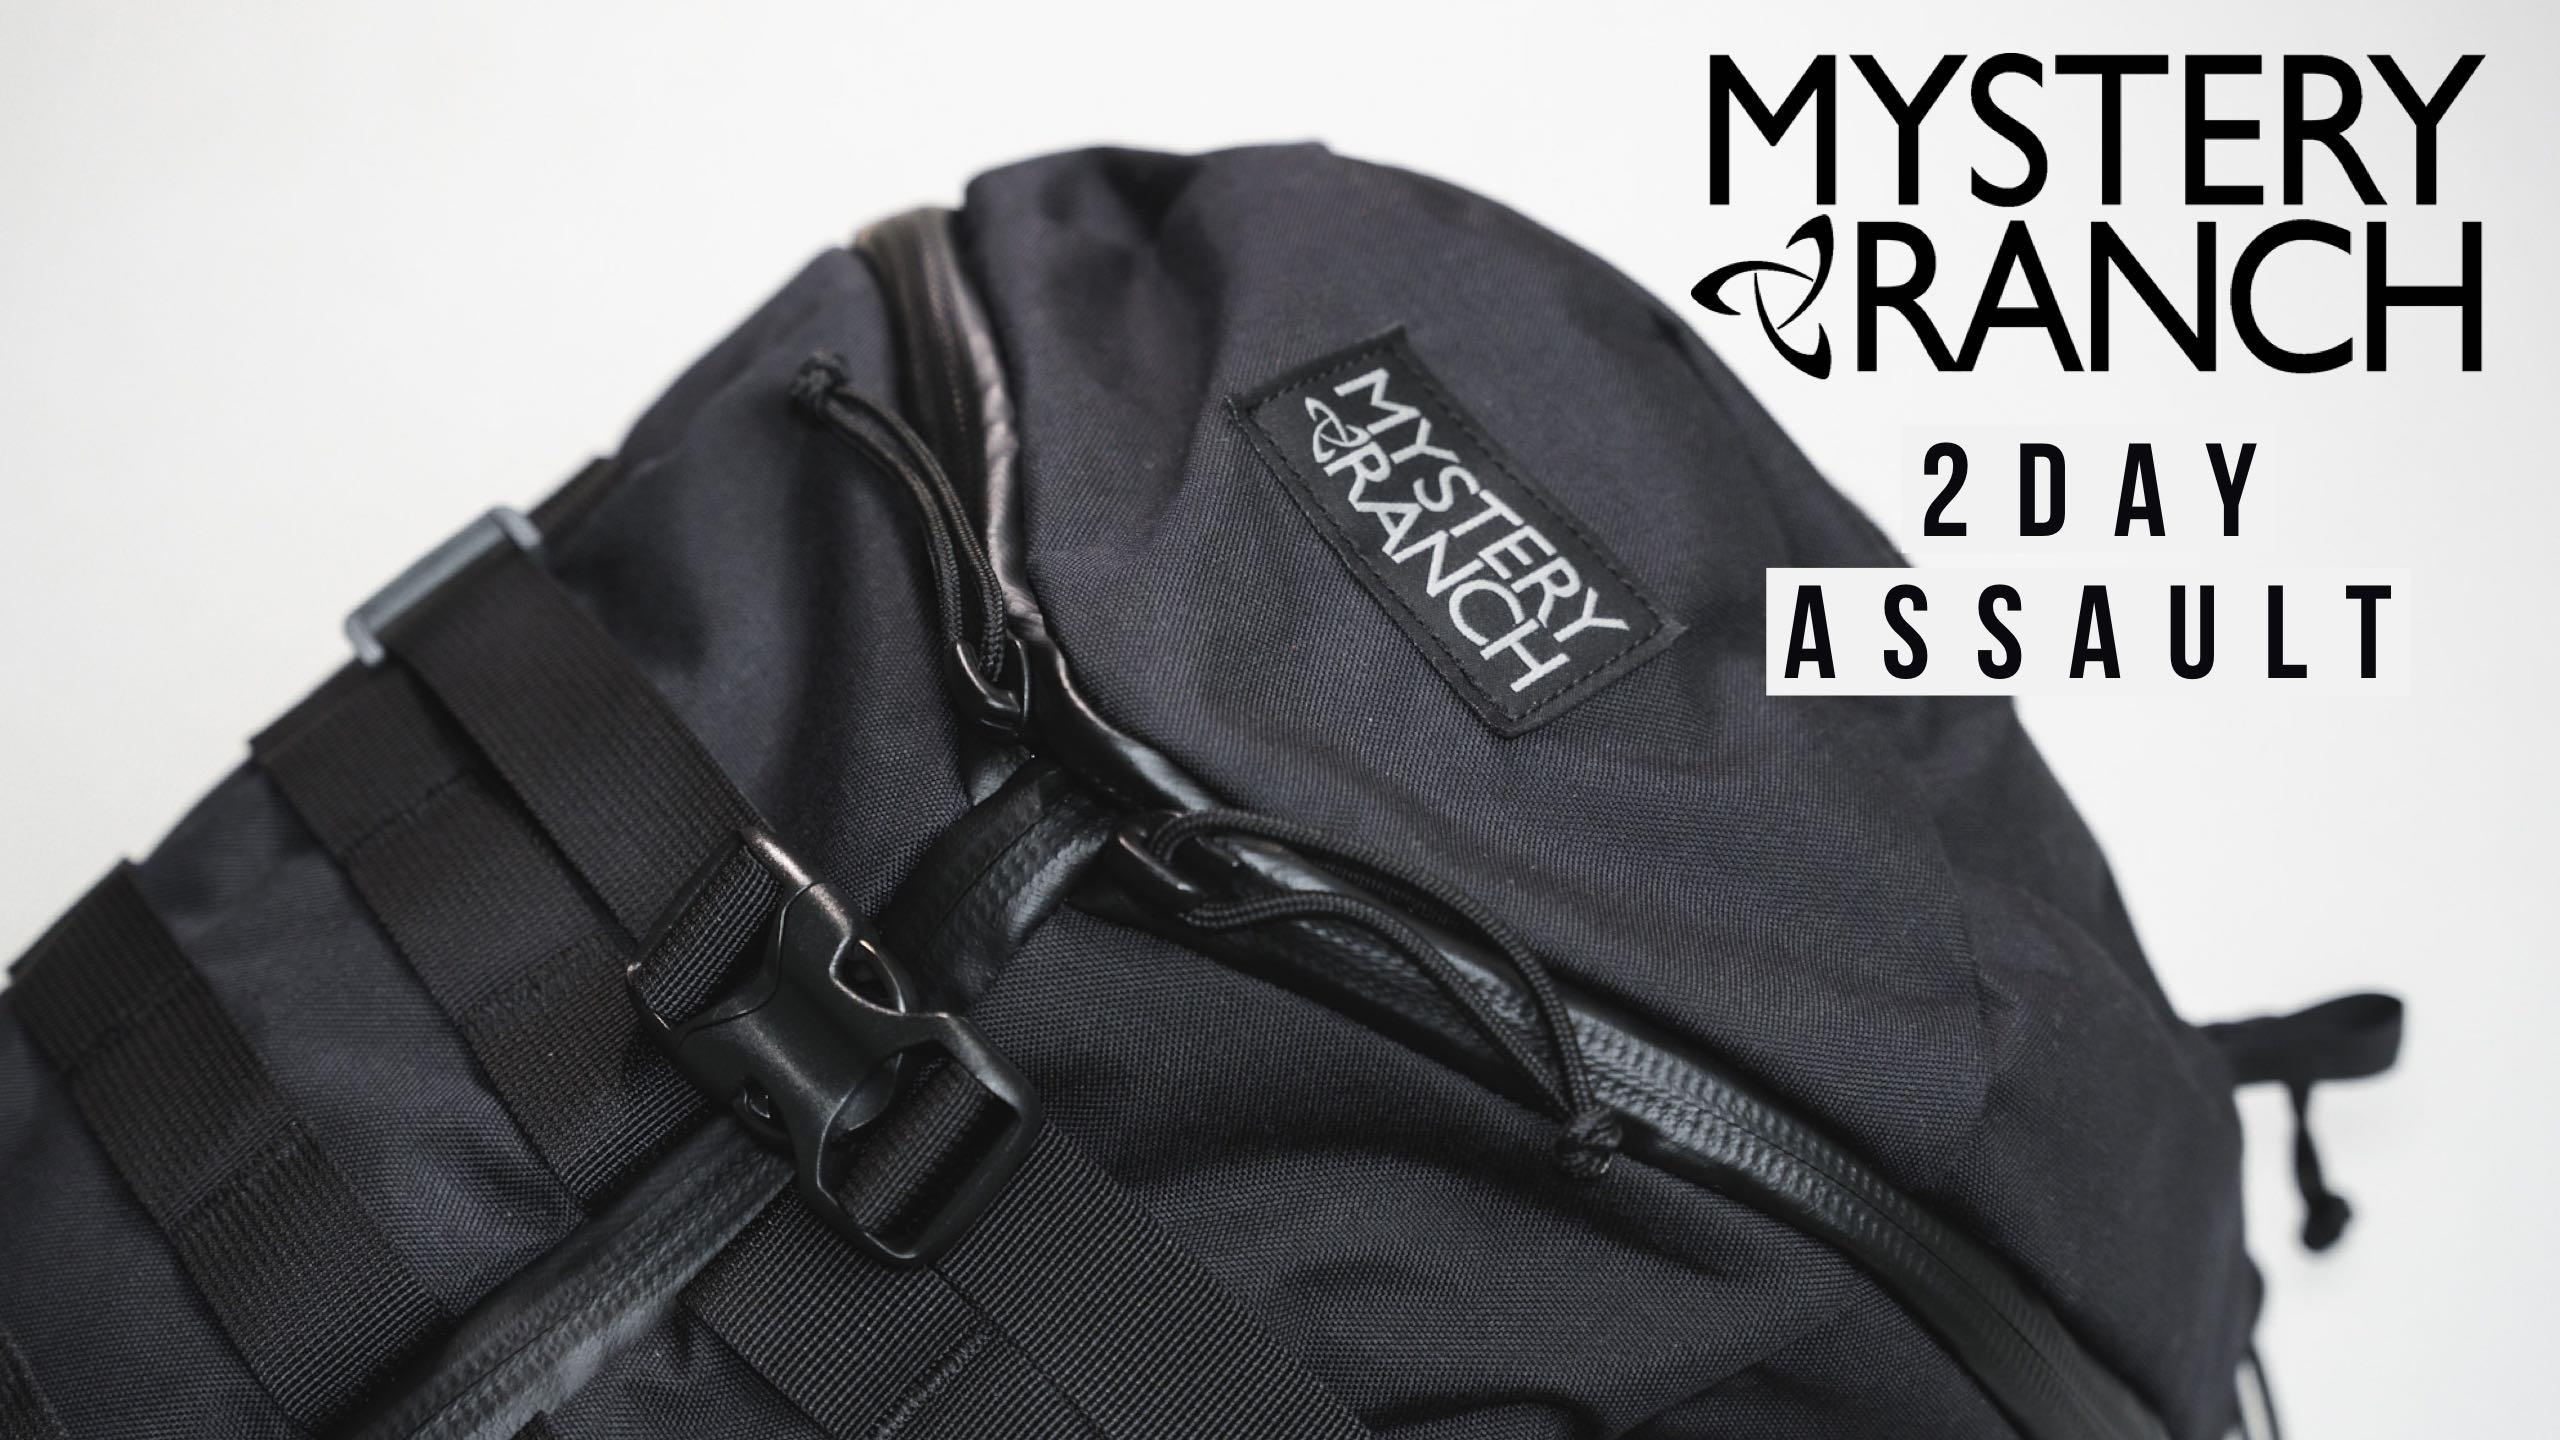 【レビュー】ミステリーランチ 2Day Assault(2デイアサルト) 毎日愛用するメインバックパックはこれ!